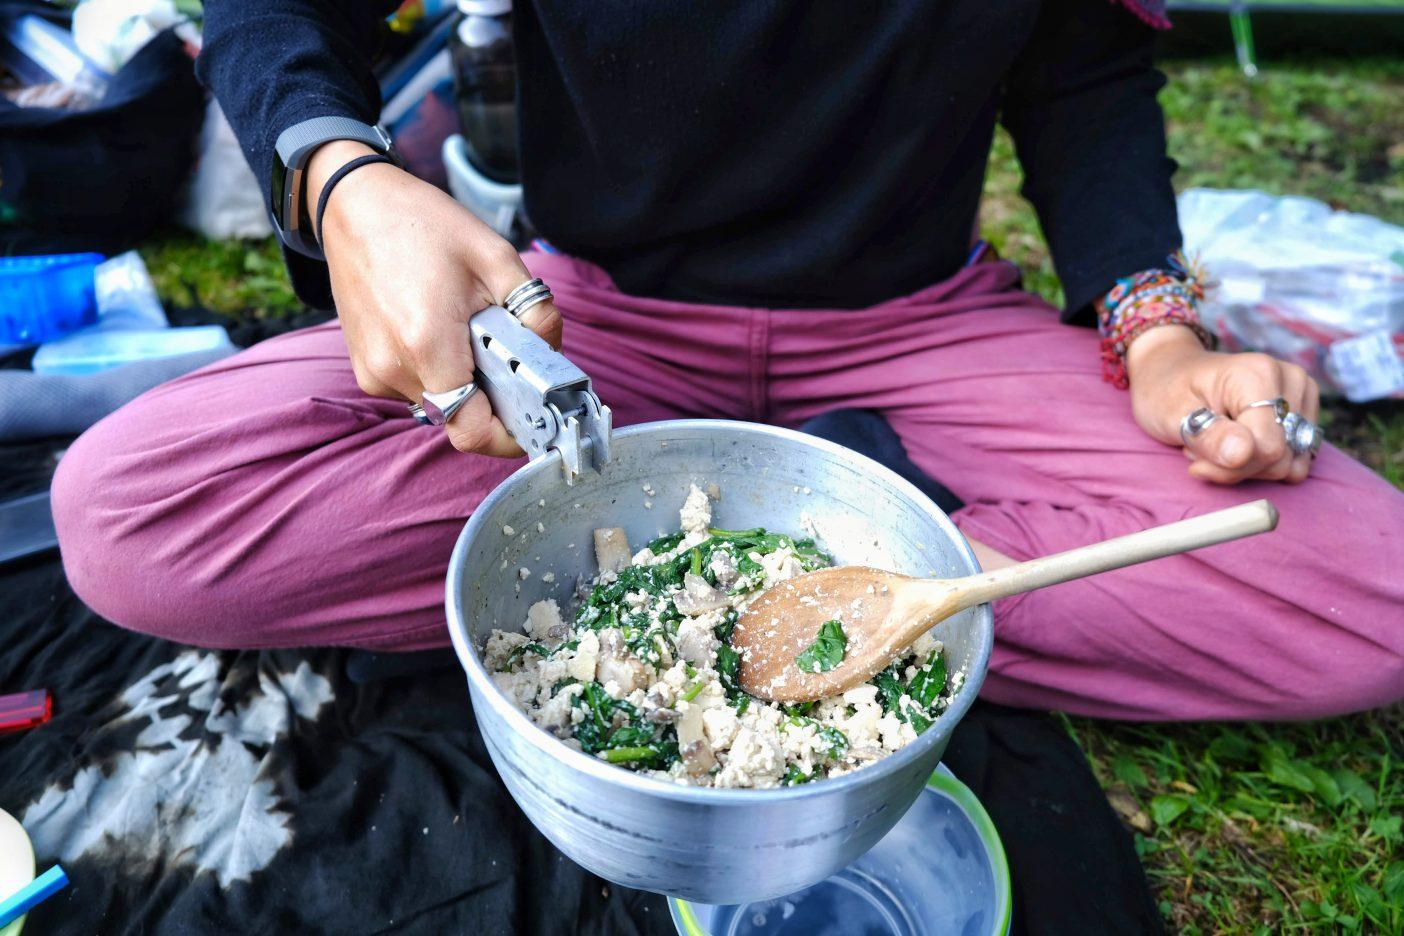 Vegan camping breakfast of tofu scramble